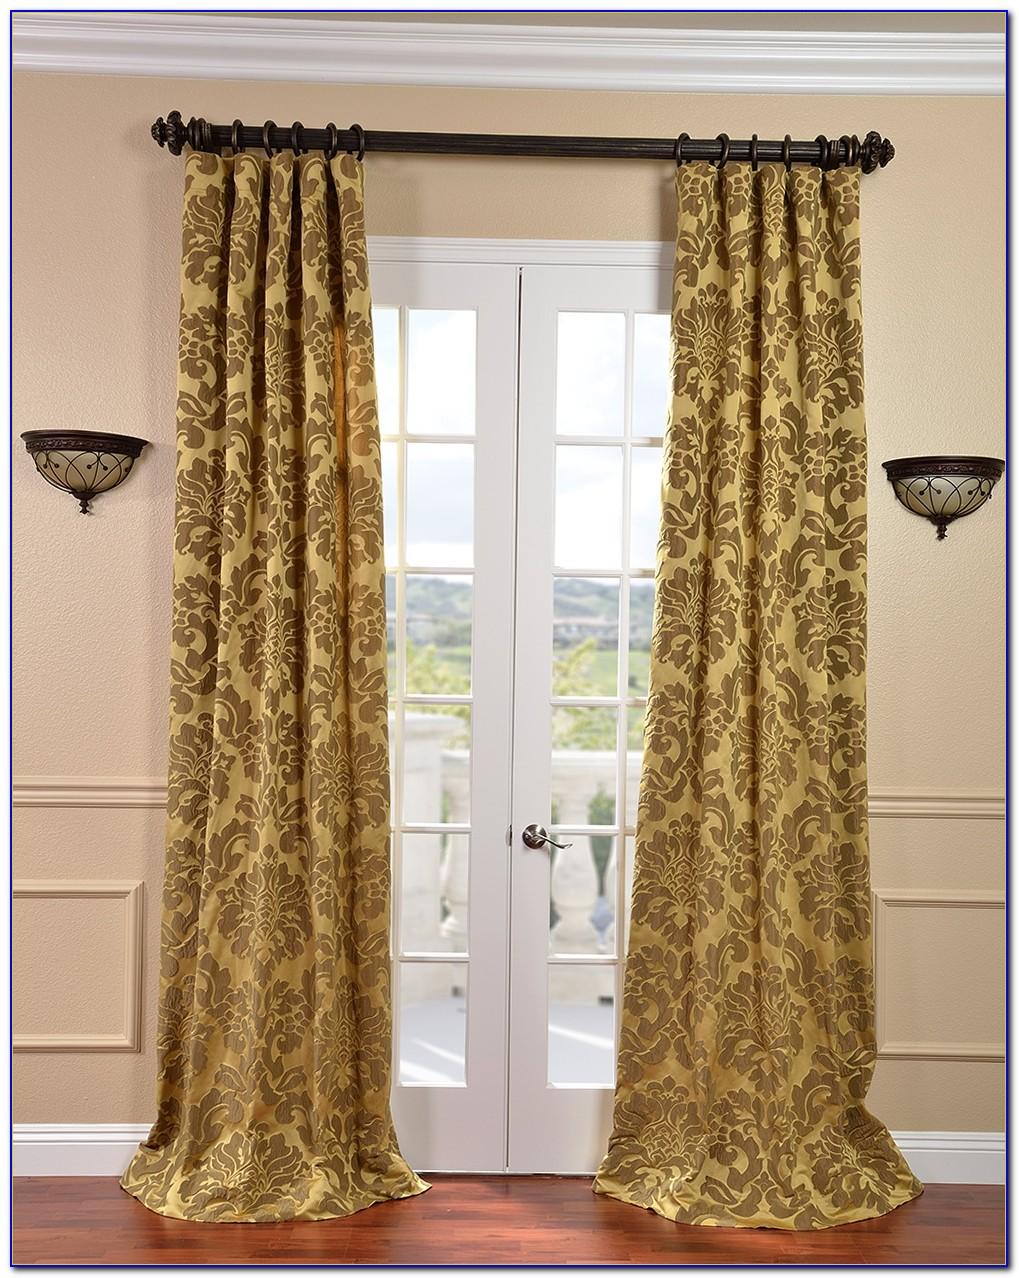 Sound Dampening Curtains Uk